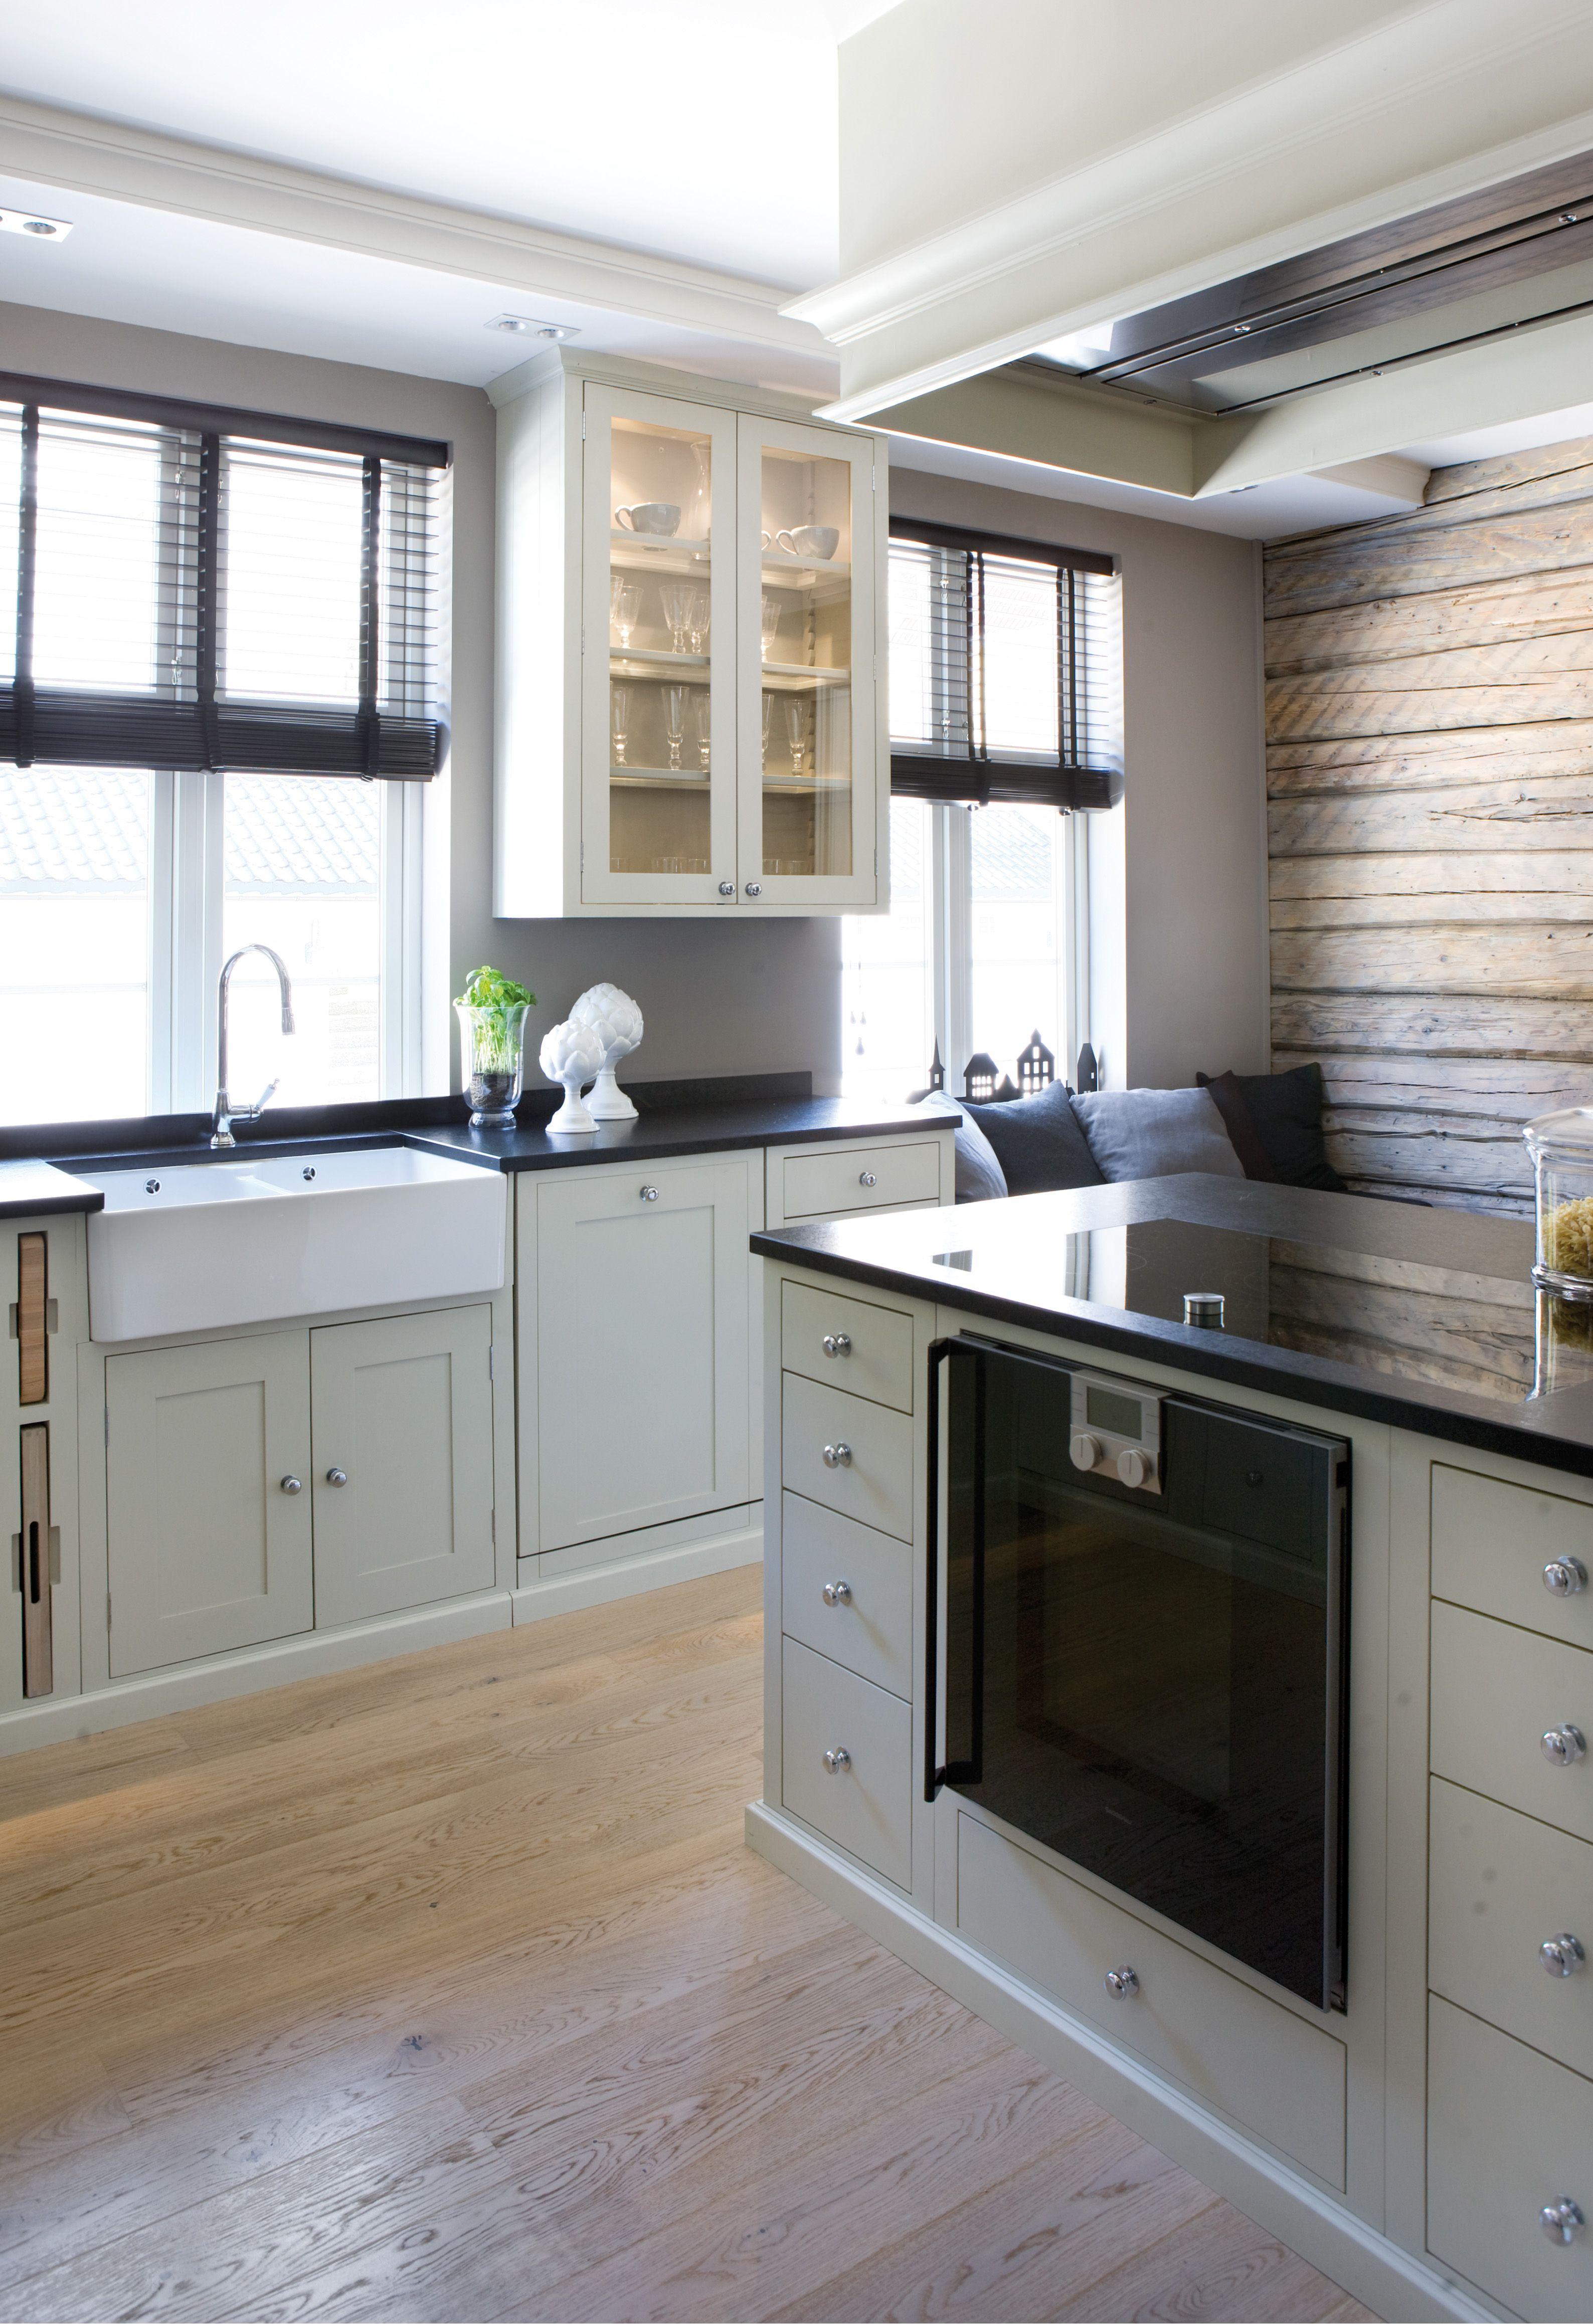 Neptune Suffolk kitchen | Kitchen | Pinterest | Umbau, Küche und ...